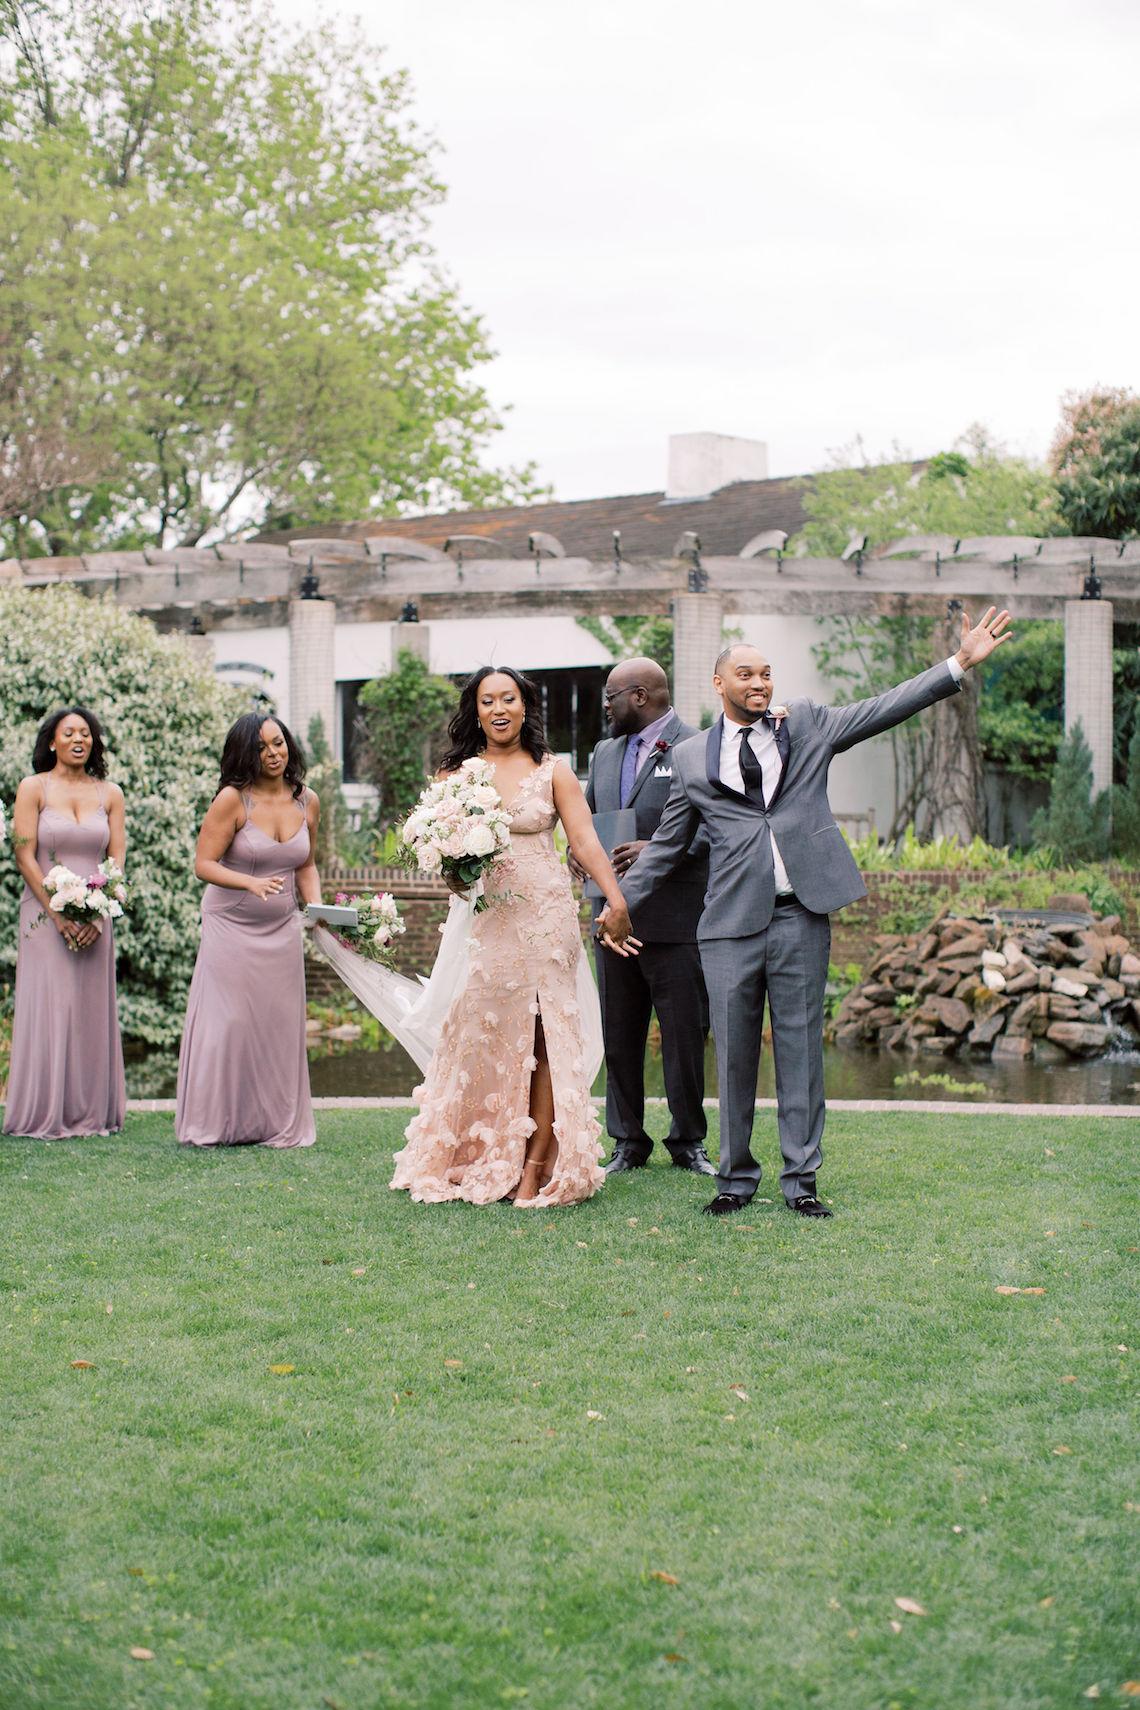 Pretty Texas Garden Wedding With A Blush Pink Wedding Dress – Deven Ashley 23